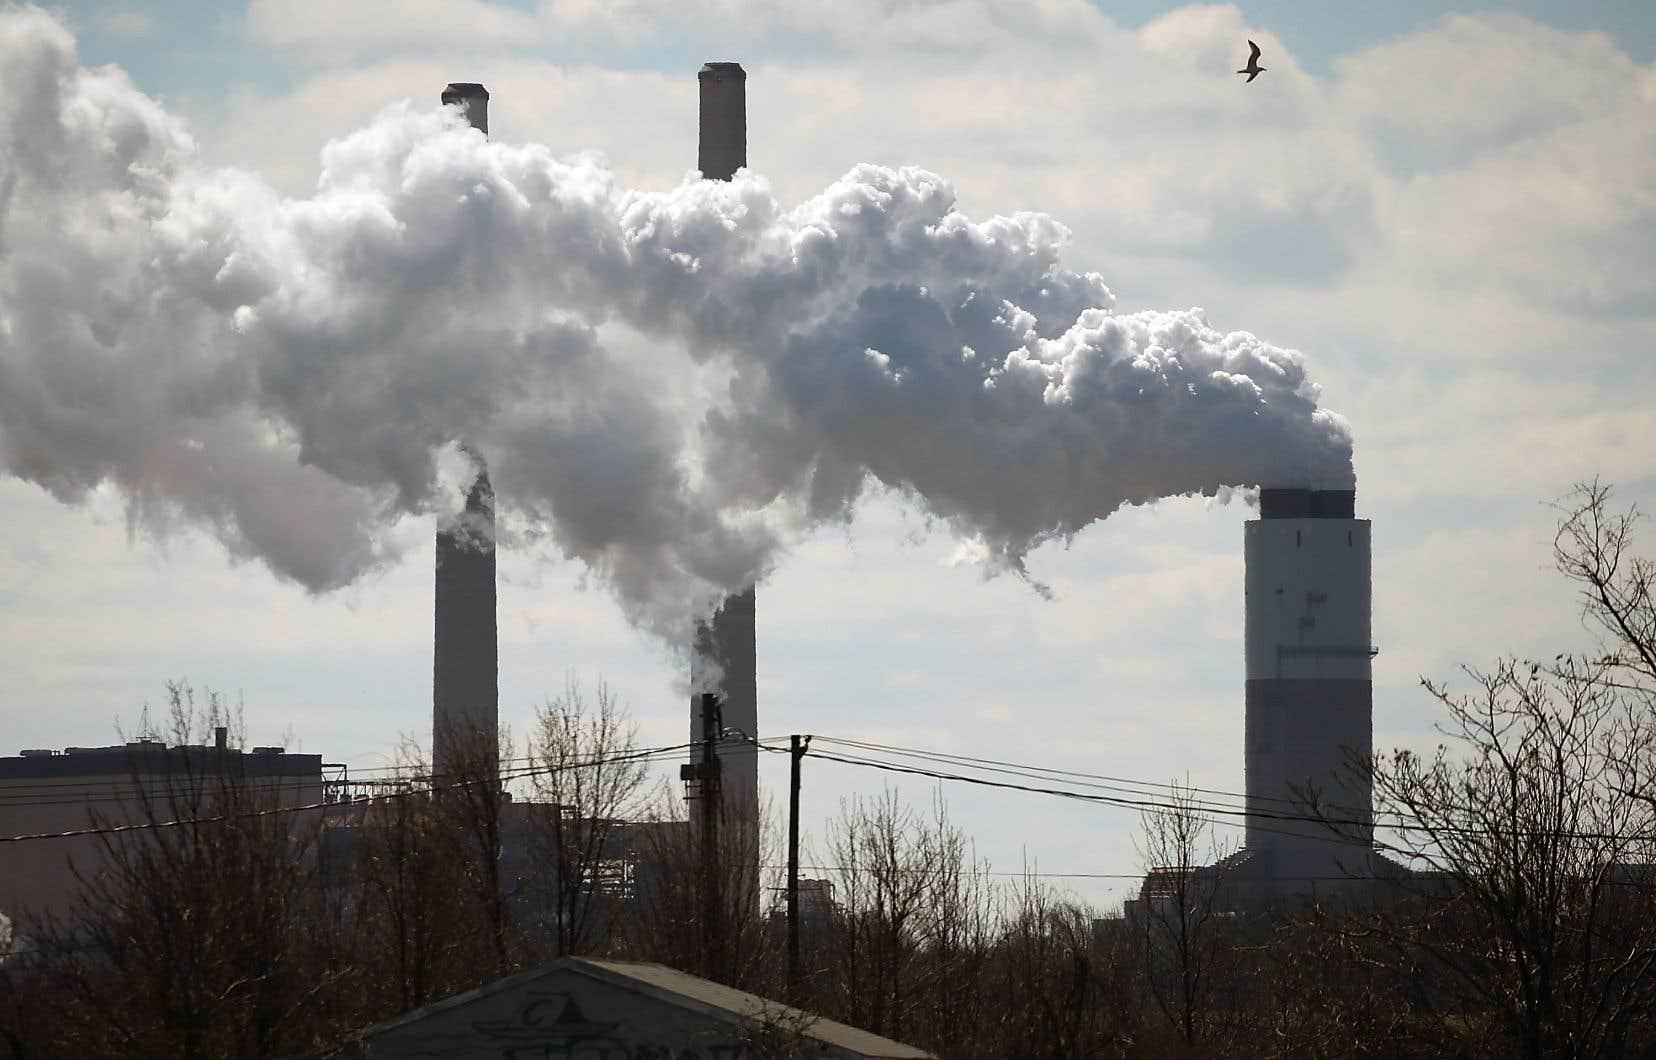 Le plan canadien prévoit que le prix du carbone passera graduellement de 10$ à 50$ la tonne.